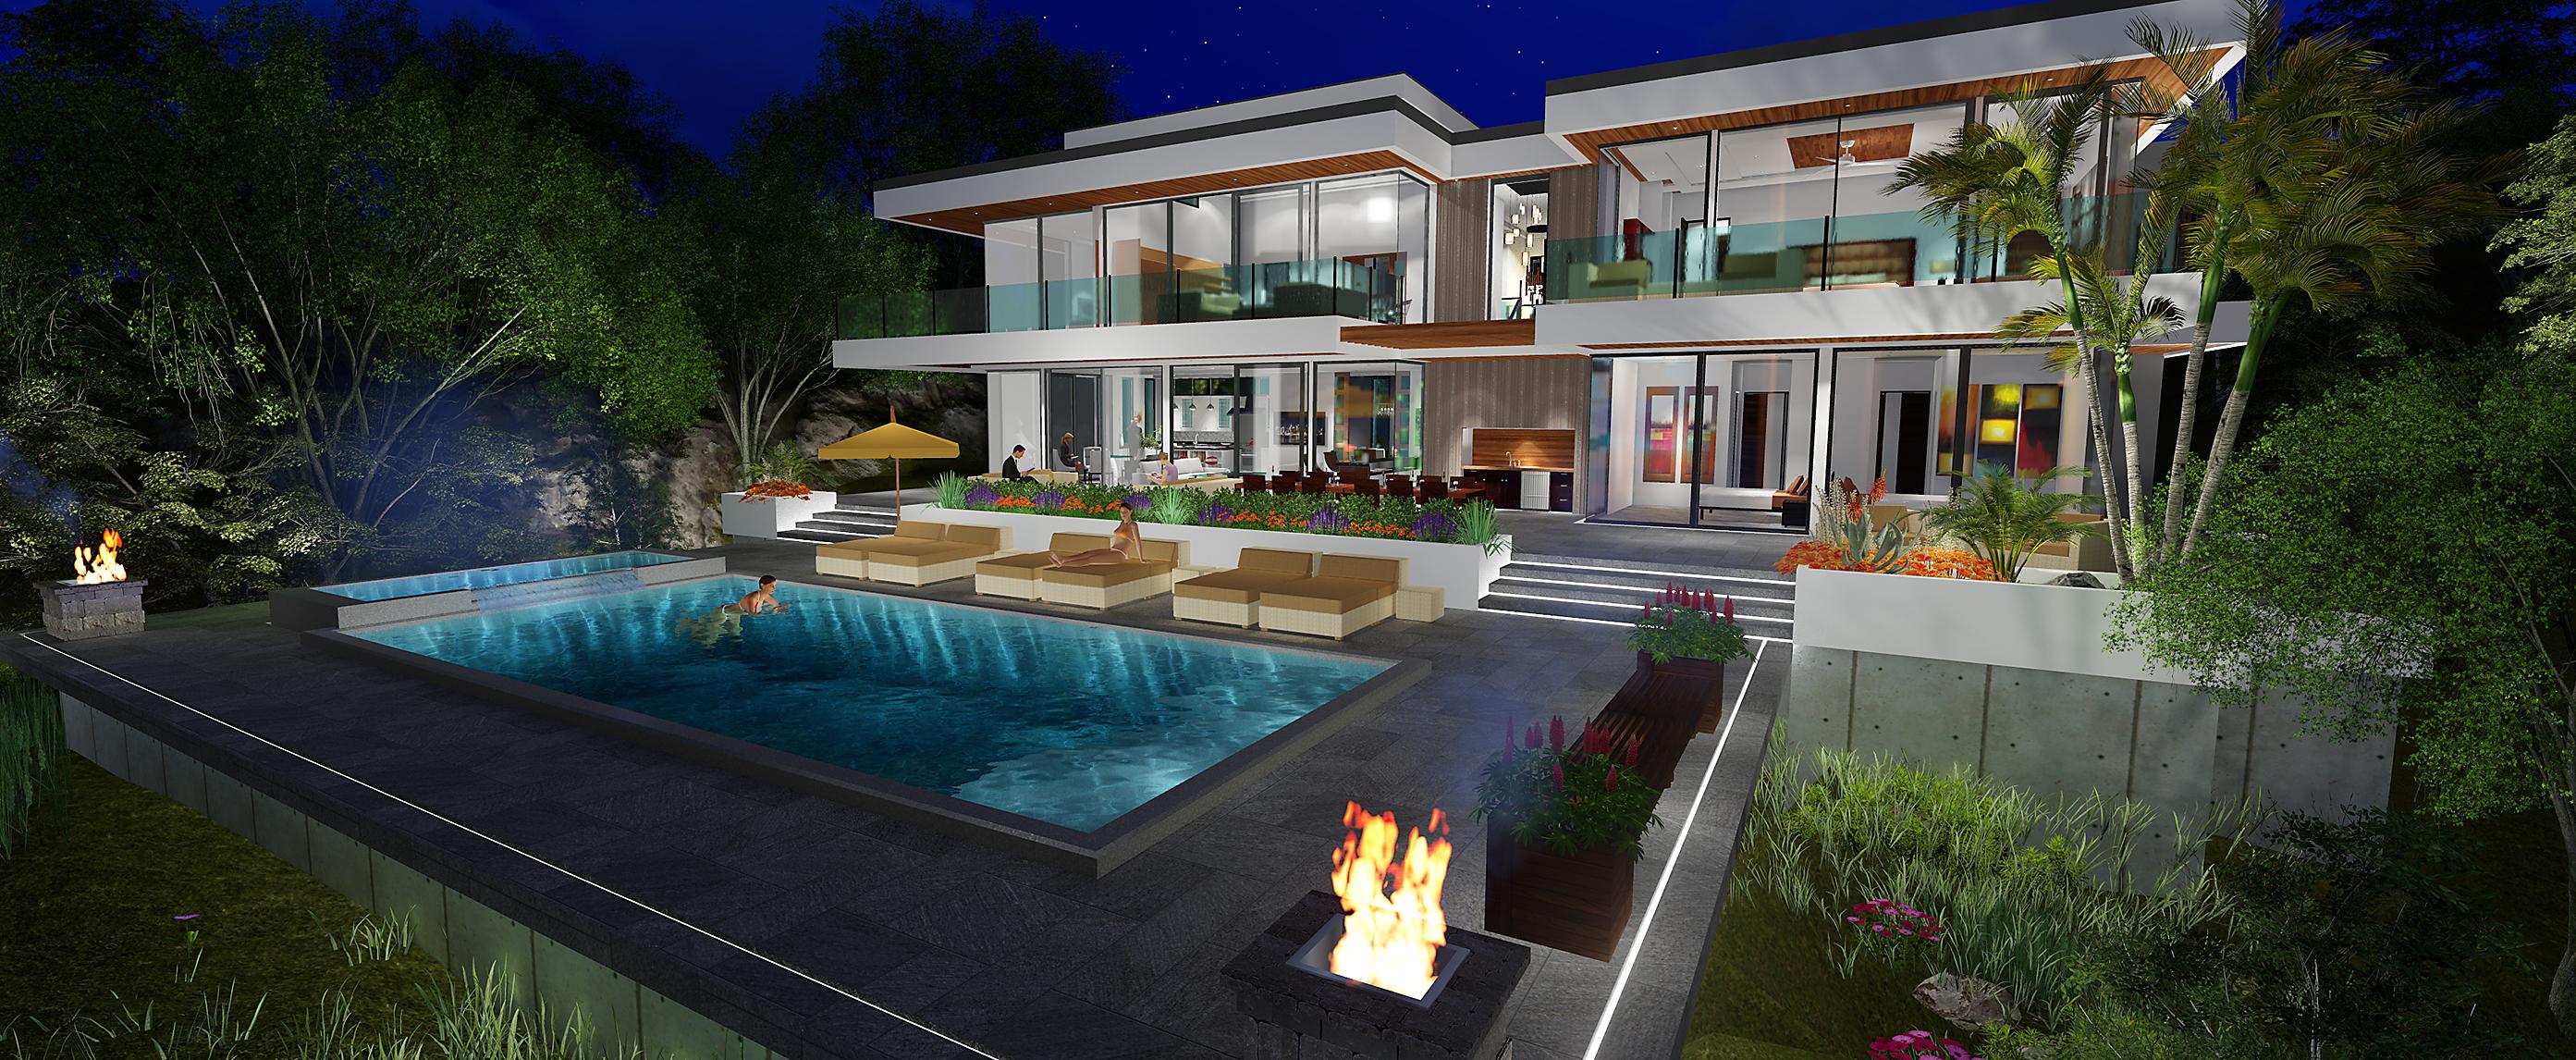 glass_house-Slider